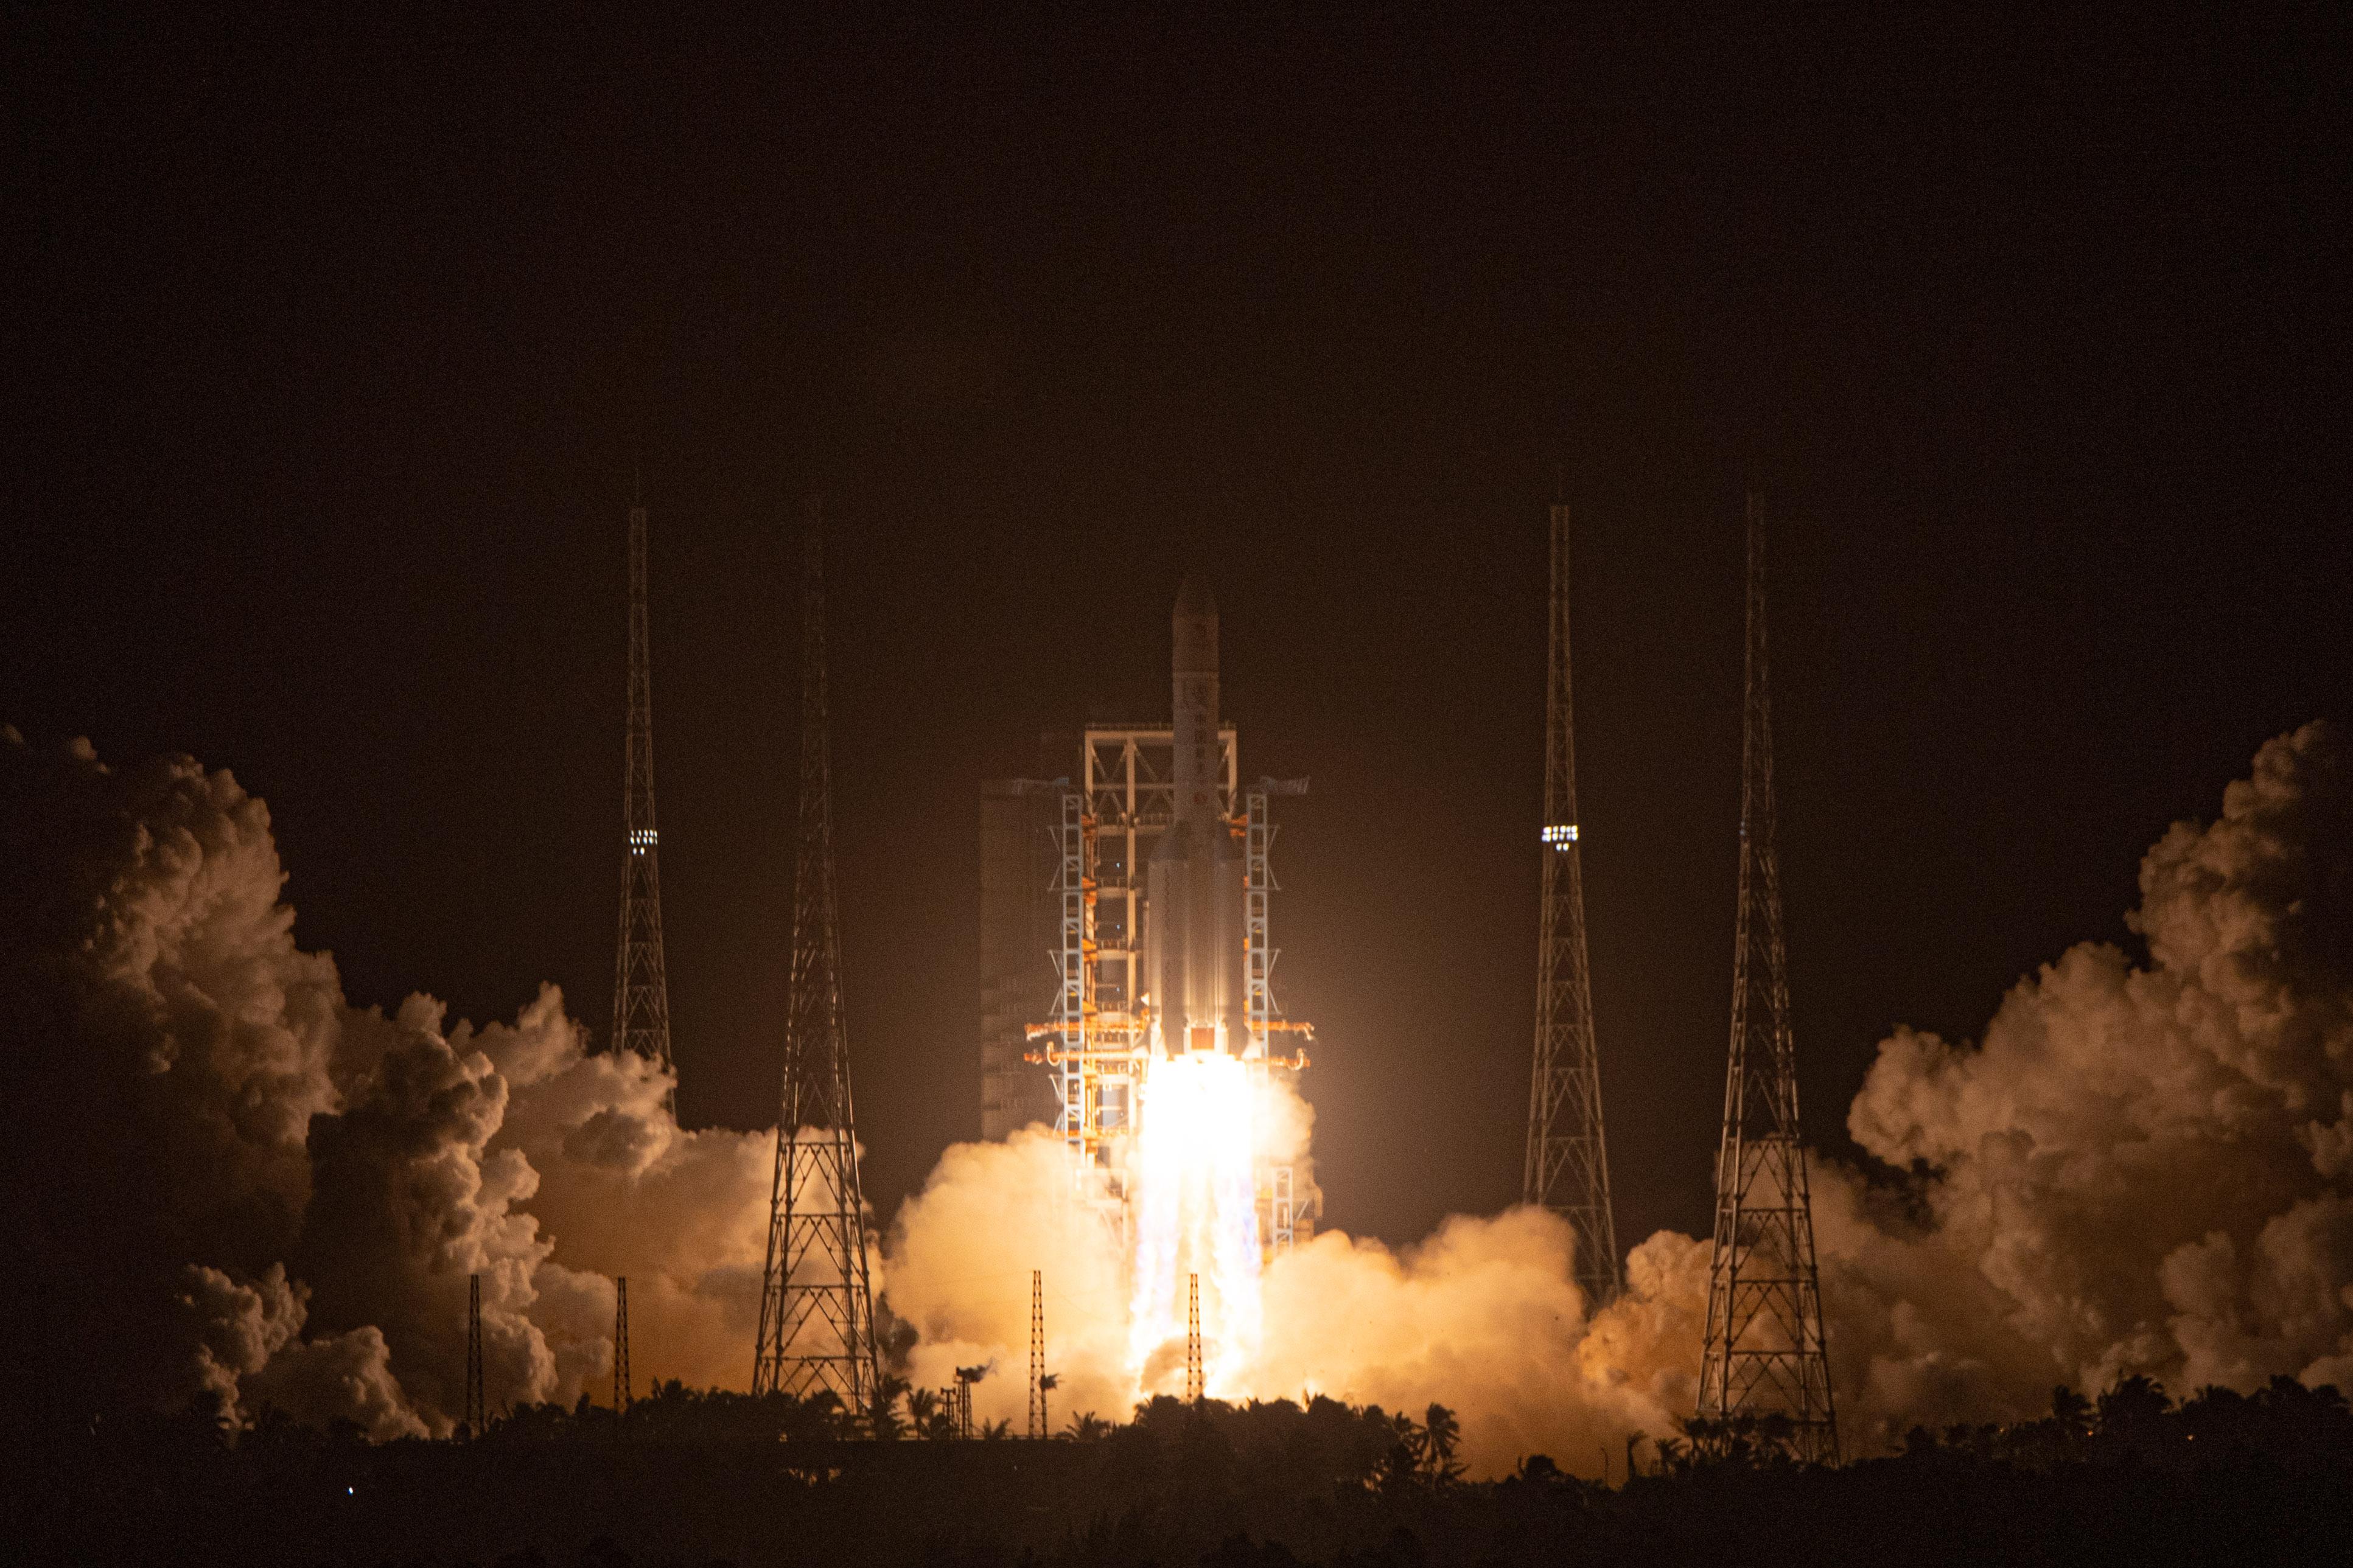 嫦娥五号探测器成功发射